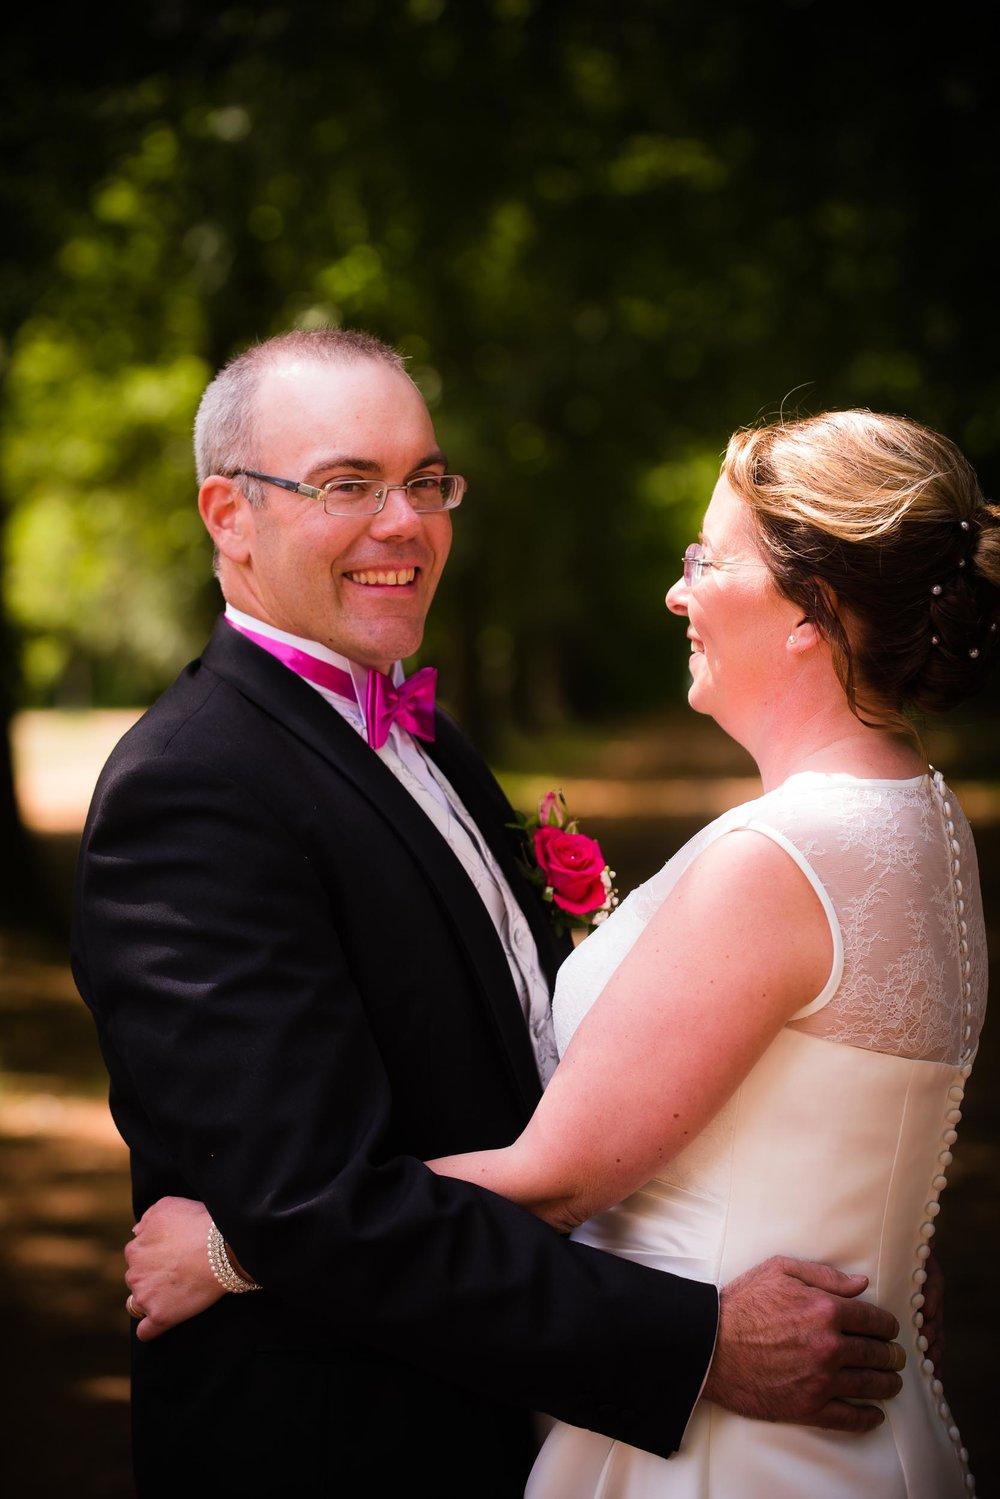 bröllopsfoto-bäckaskog-juni17-8.jpg